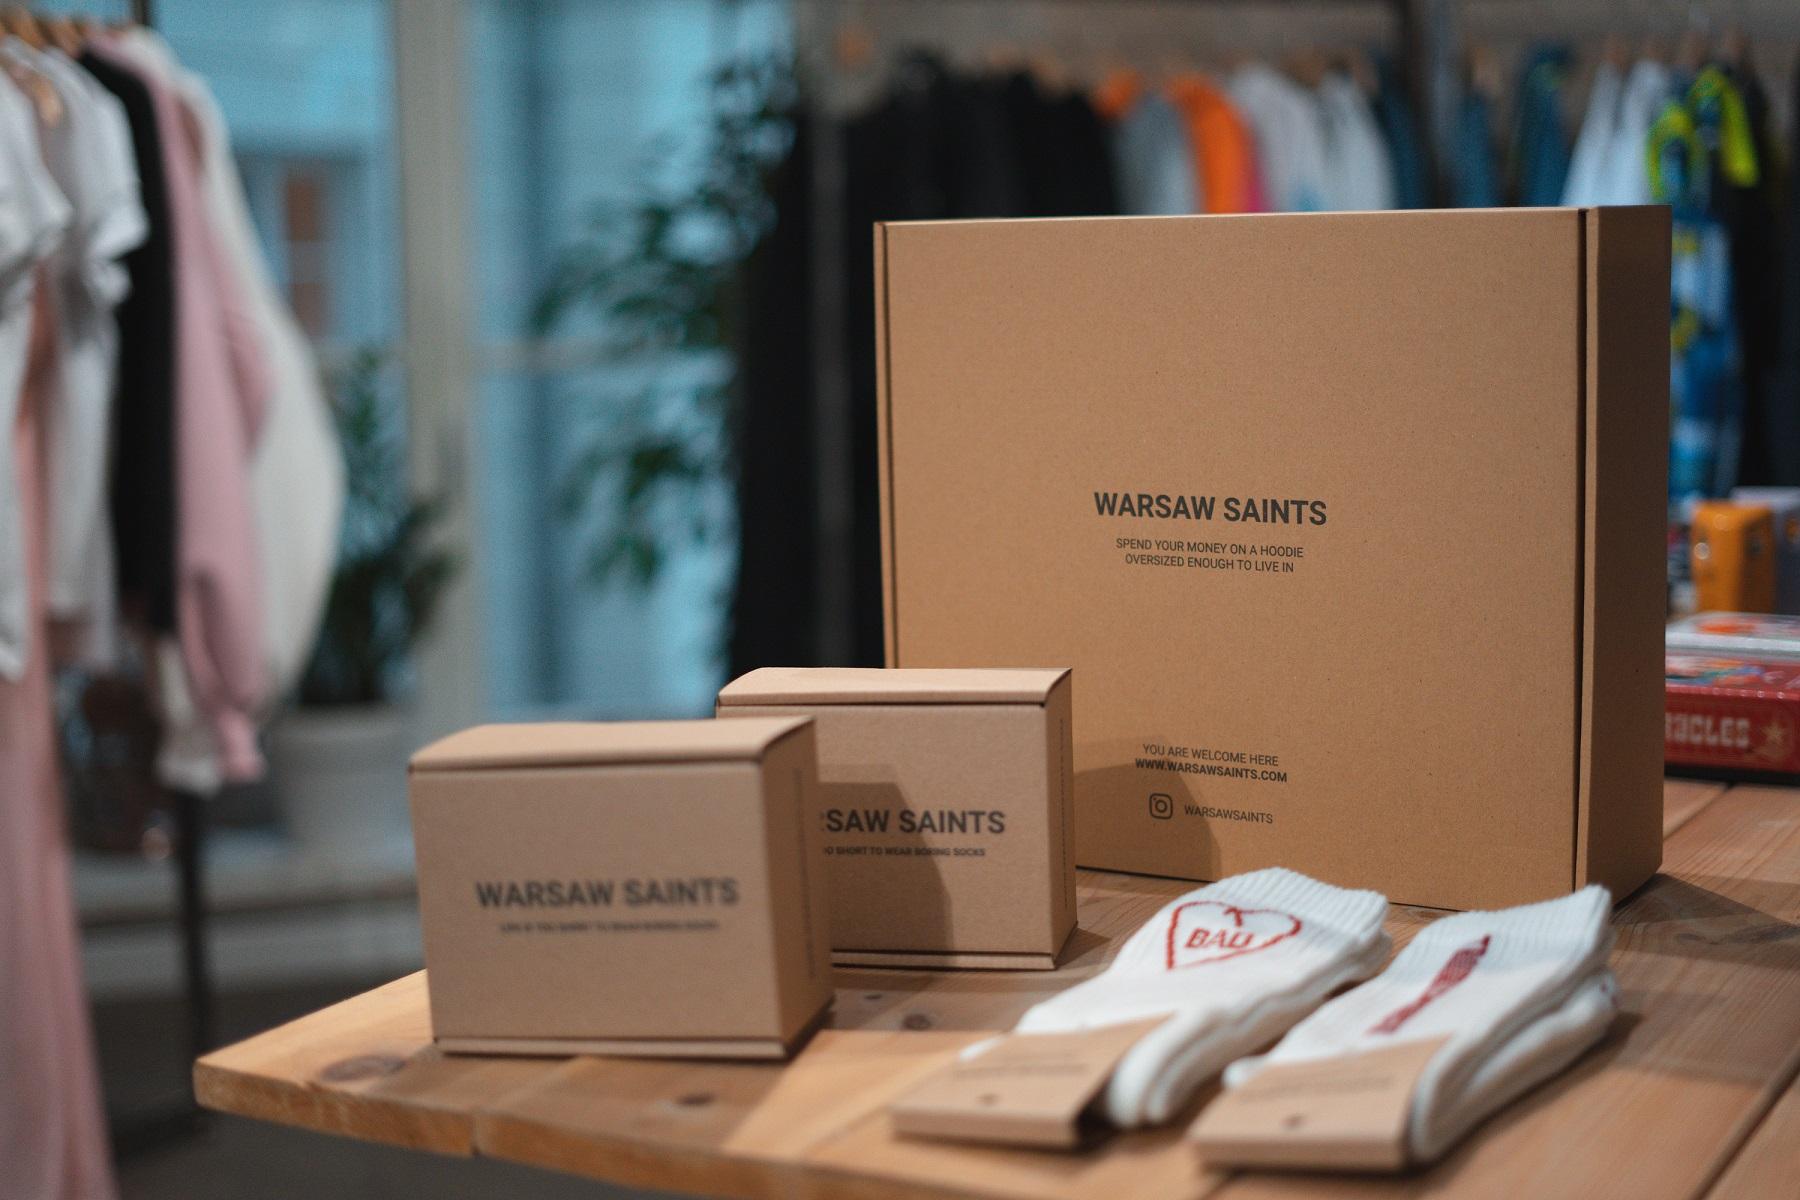 La marca Warsaw Saints utiliza cajas postales de cartón